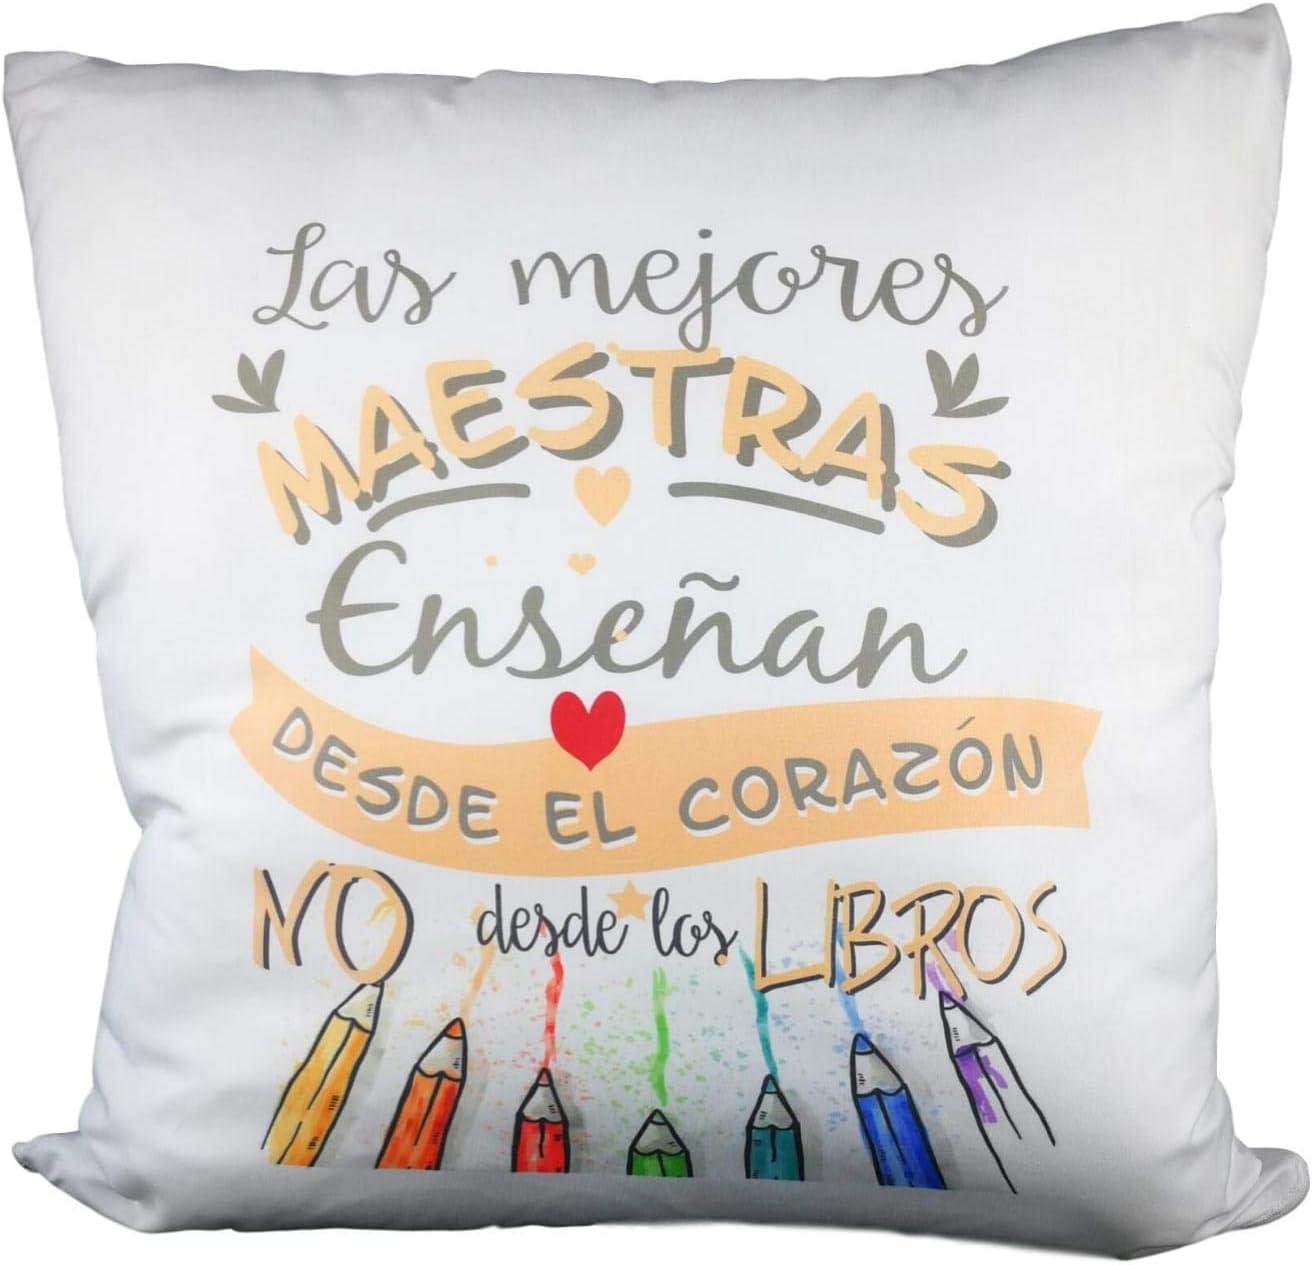 MISORPRESA Cojin Mensaje Mejores maestras enseñan Desde el Corazon. Regalo Profesora: Amazon.es: Hogar